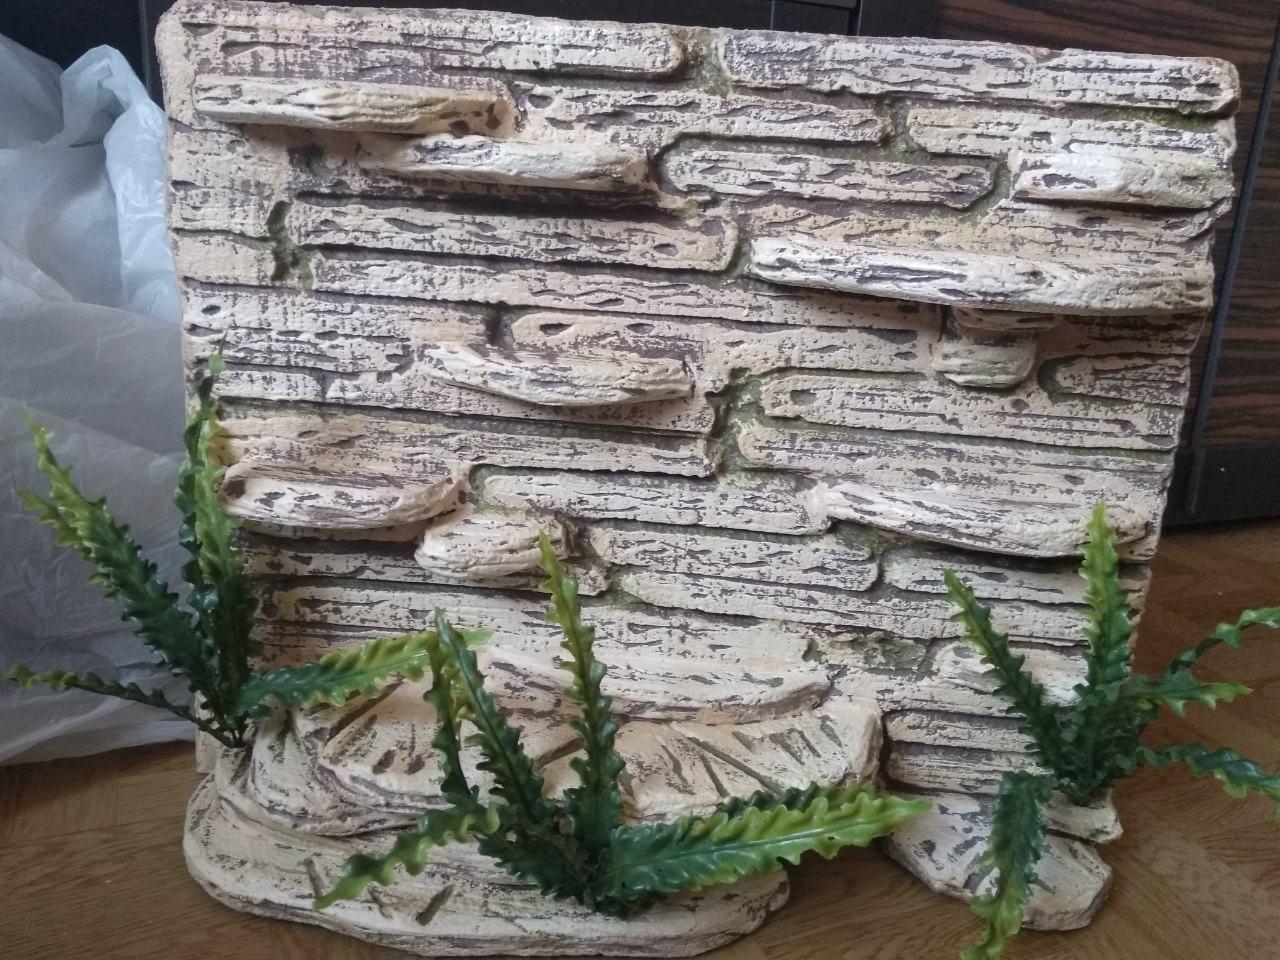 Фон для террариума - каменные ступеньки с укрытием